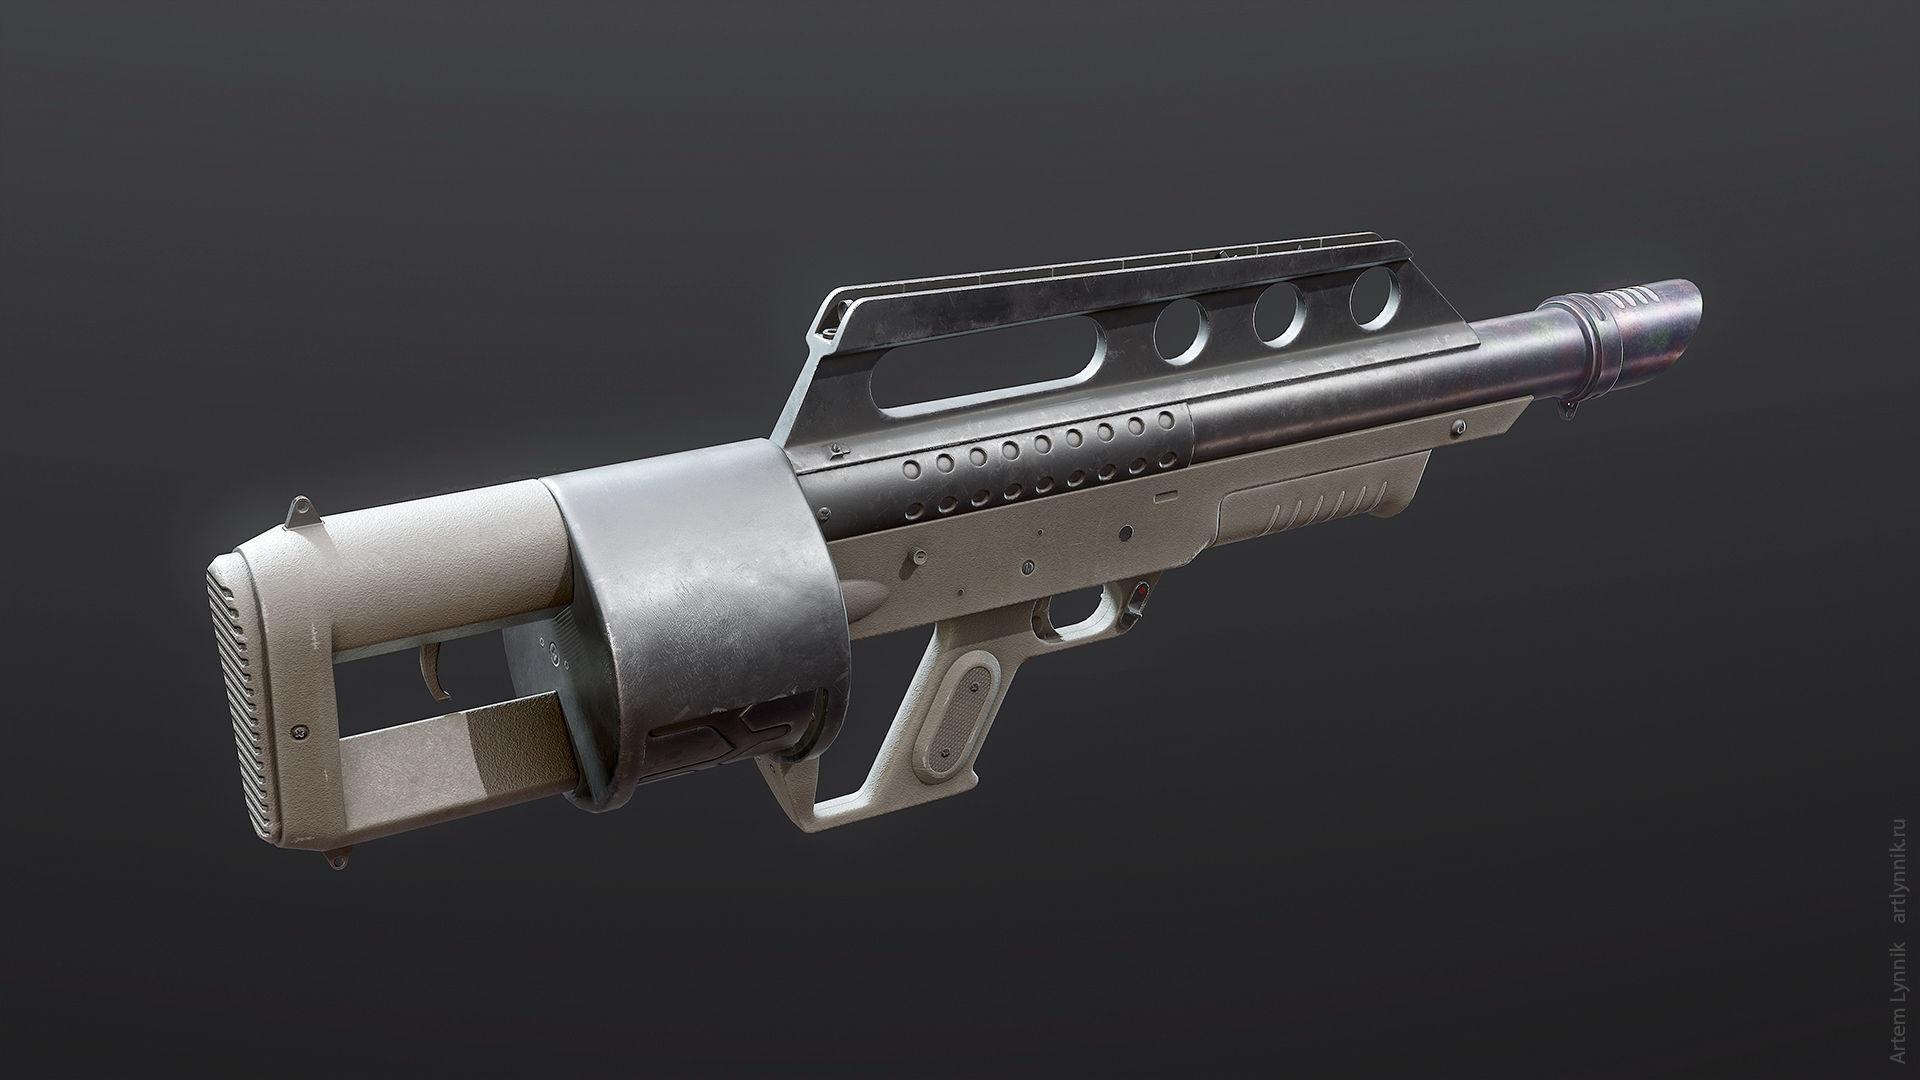 Pancor Jackhammer Shotgun